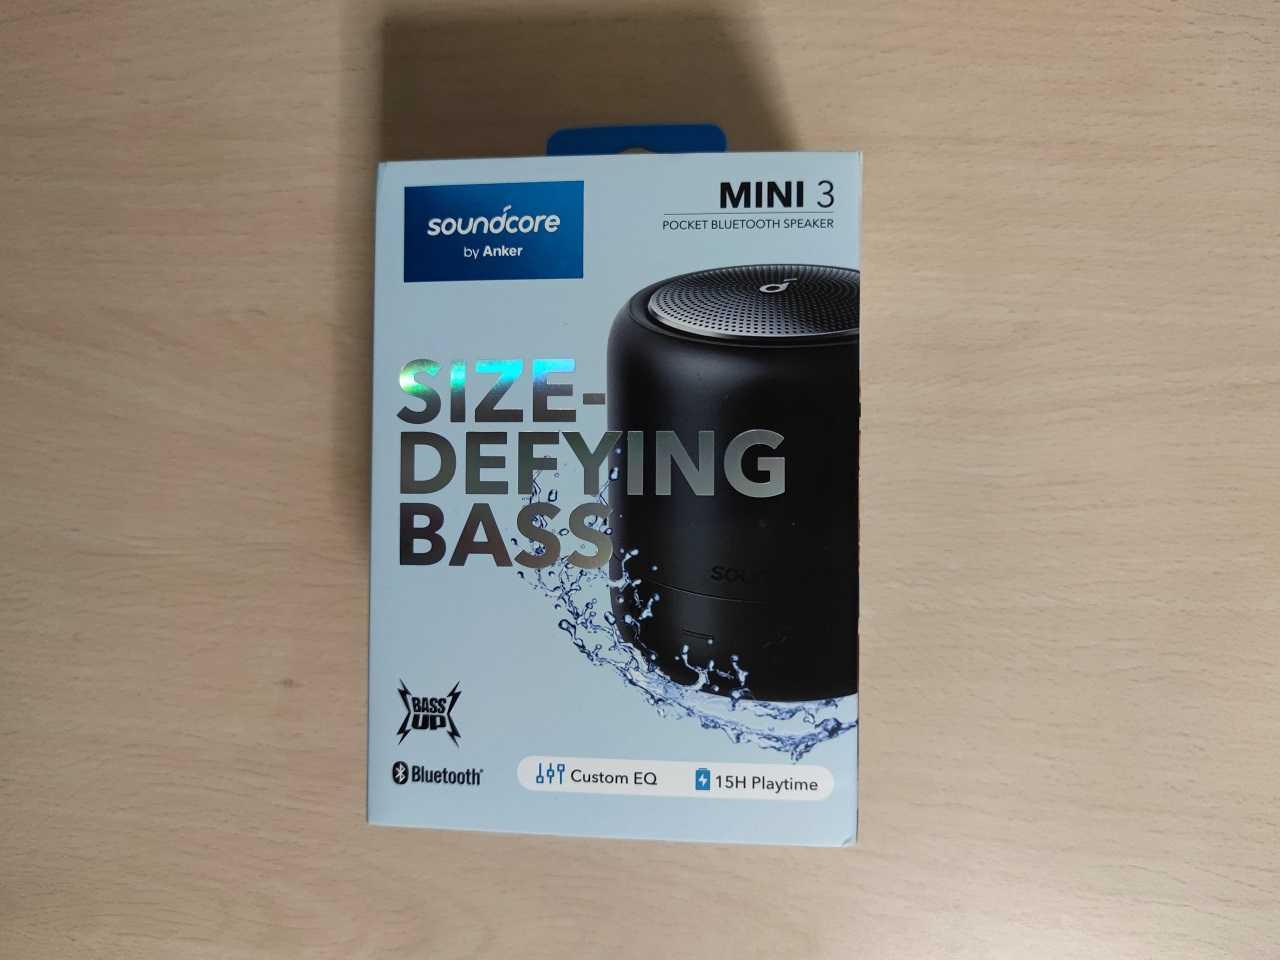 Recensione Soundcore Mini 3: potenza e qualità a portata di mano